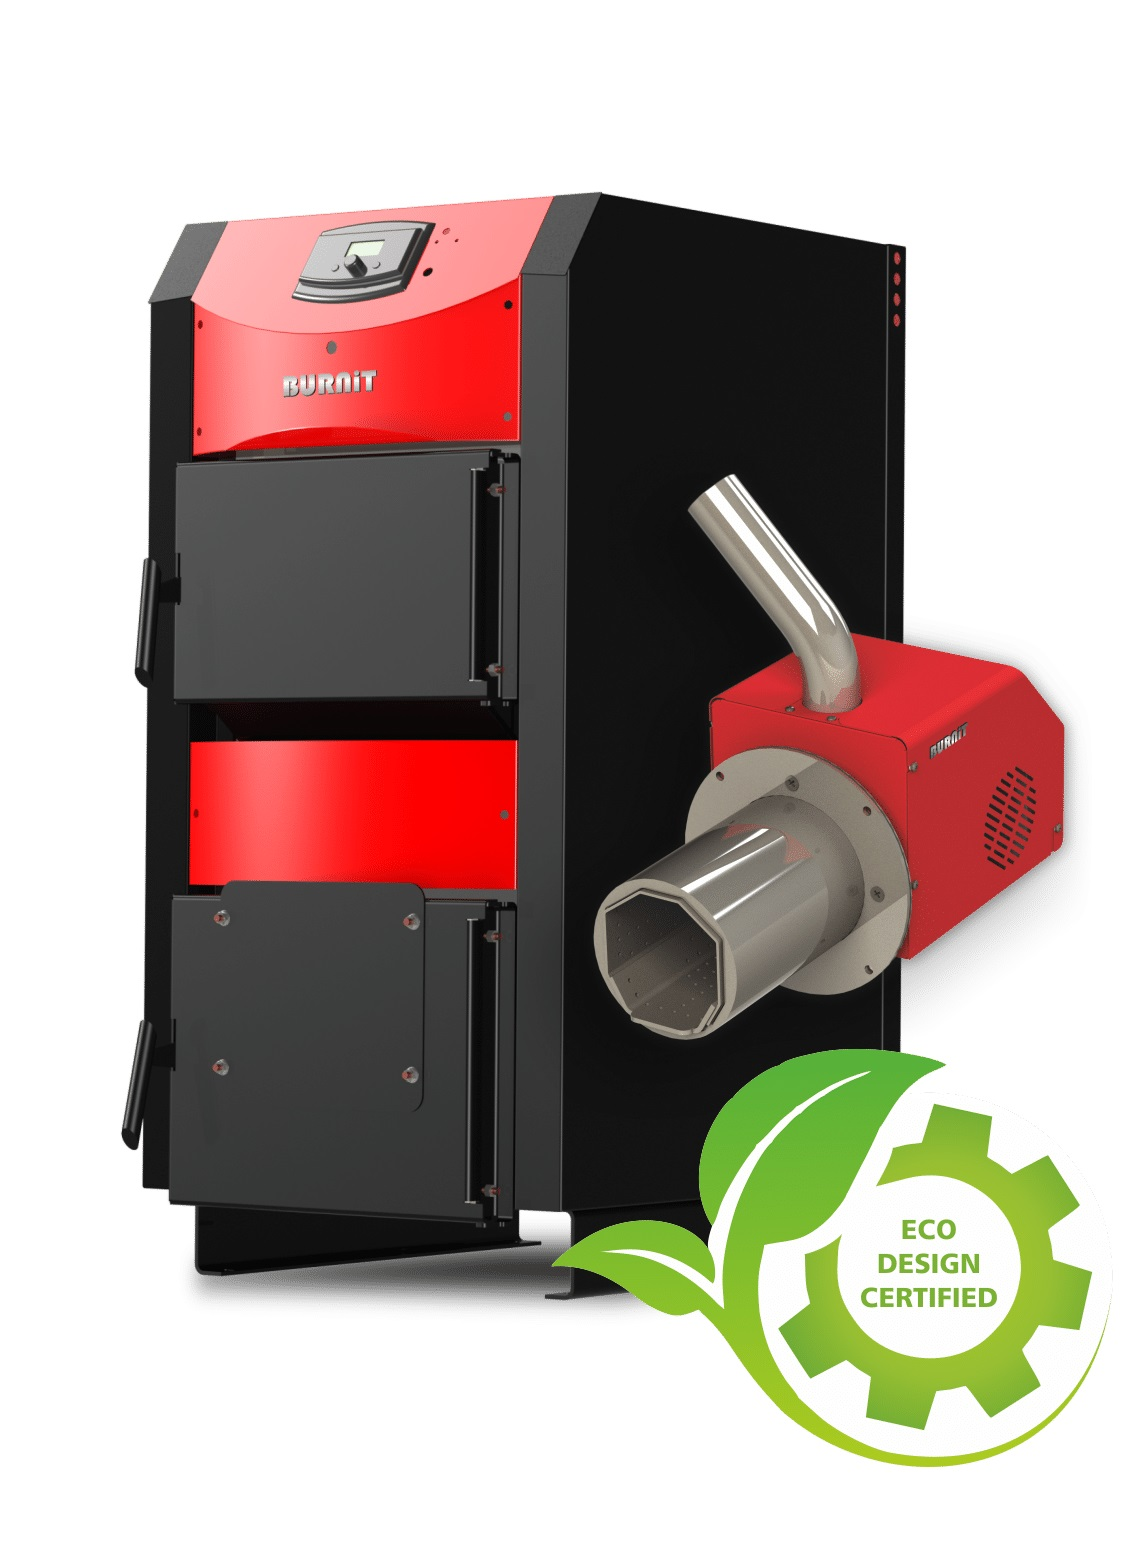 Centrala mixta lemn si peleti Burnit WBS AC 30 kW si Arzator pe peleti Pell Eco 35 kW imagine fornello.ro